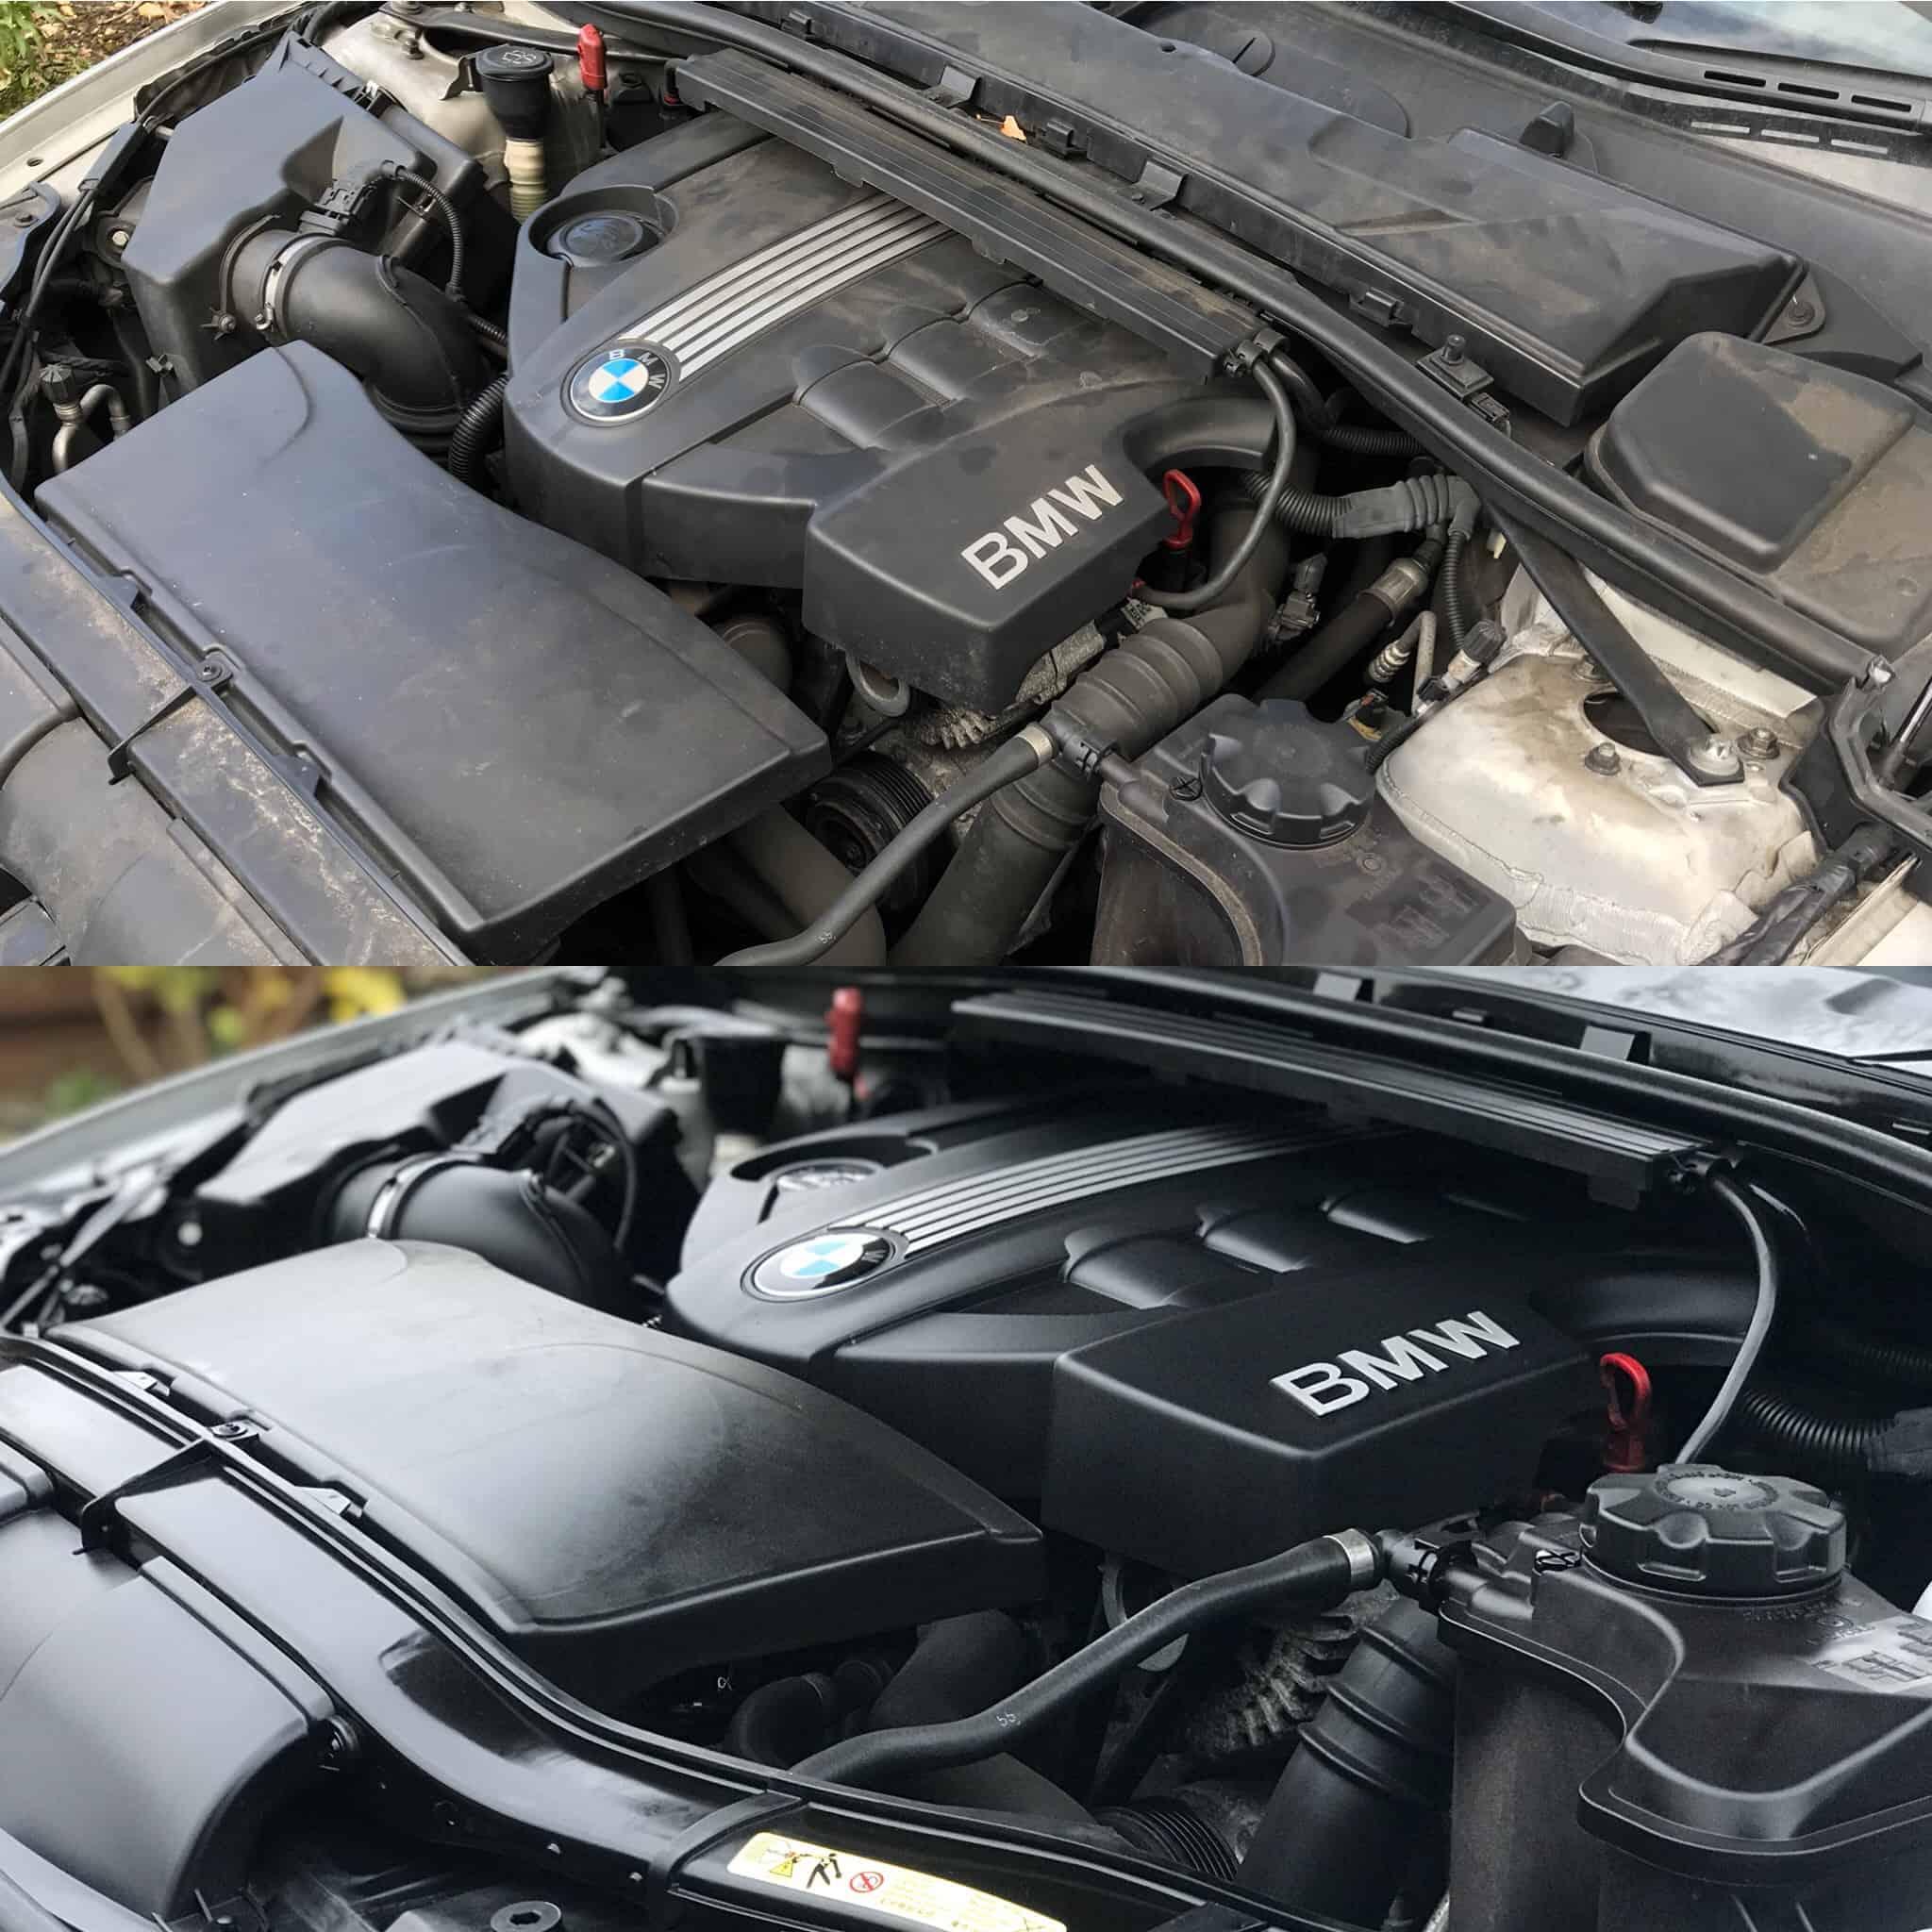 Engine Bay Clean